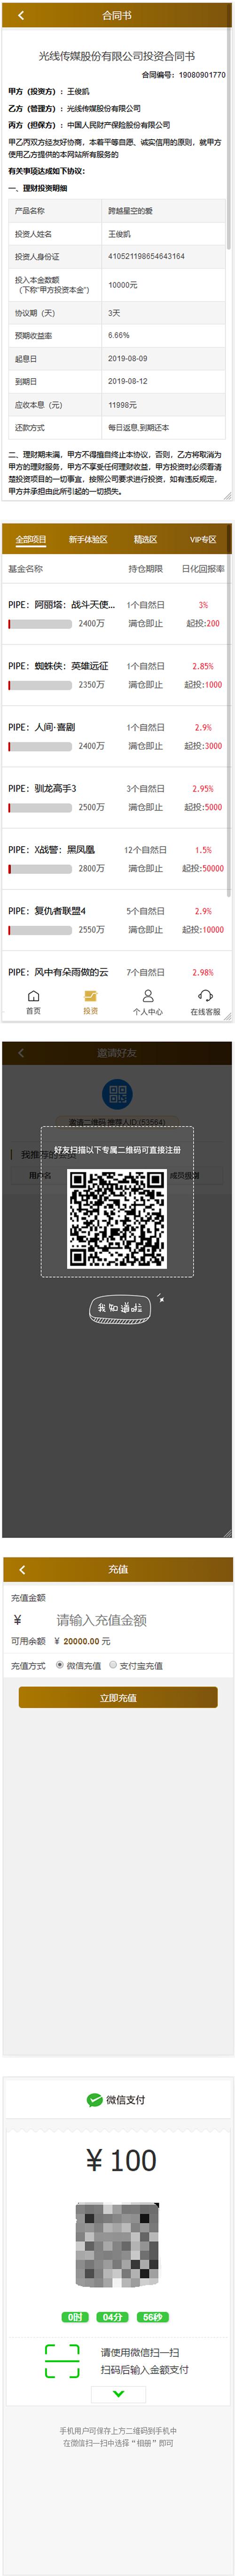 2020全新UI影视金融理财系统电影投资分红项目众筹票房分红源码短信修复+免签支付 第2张